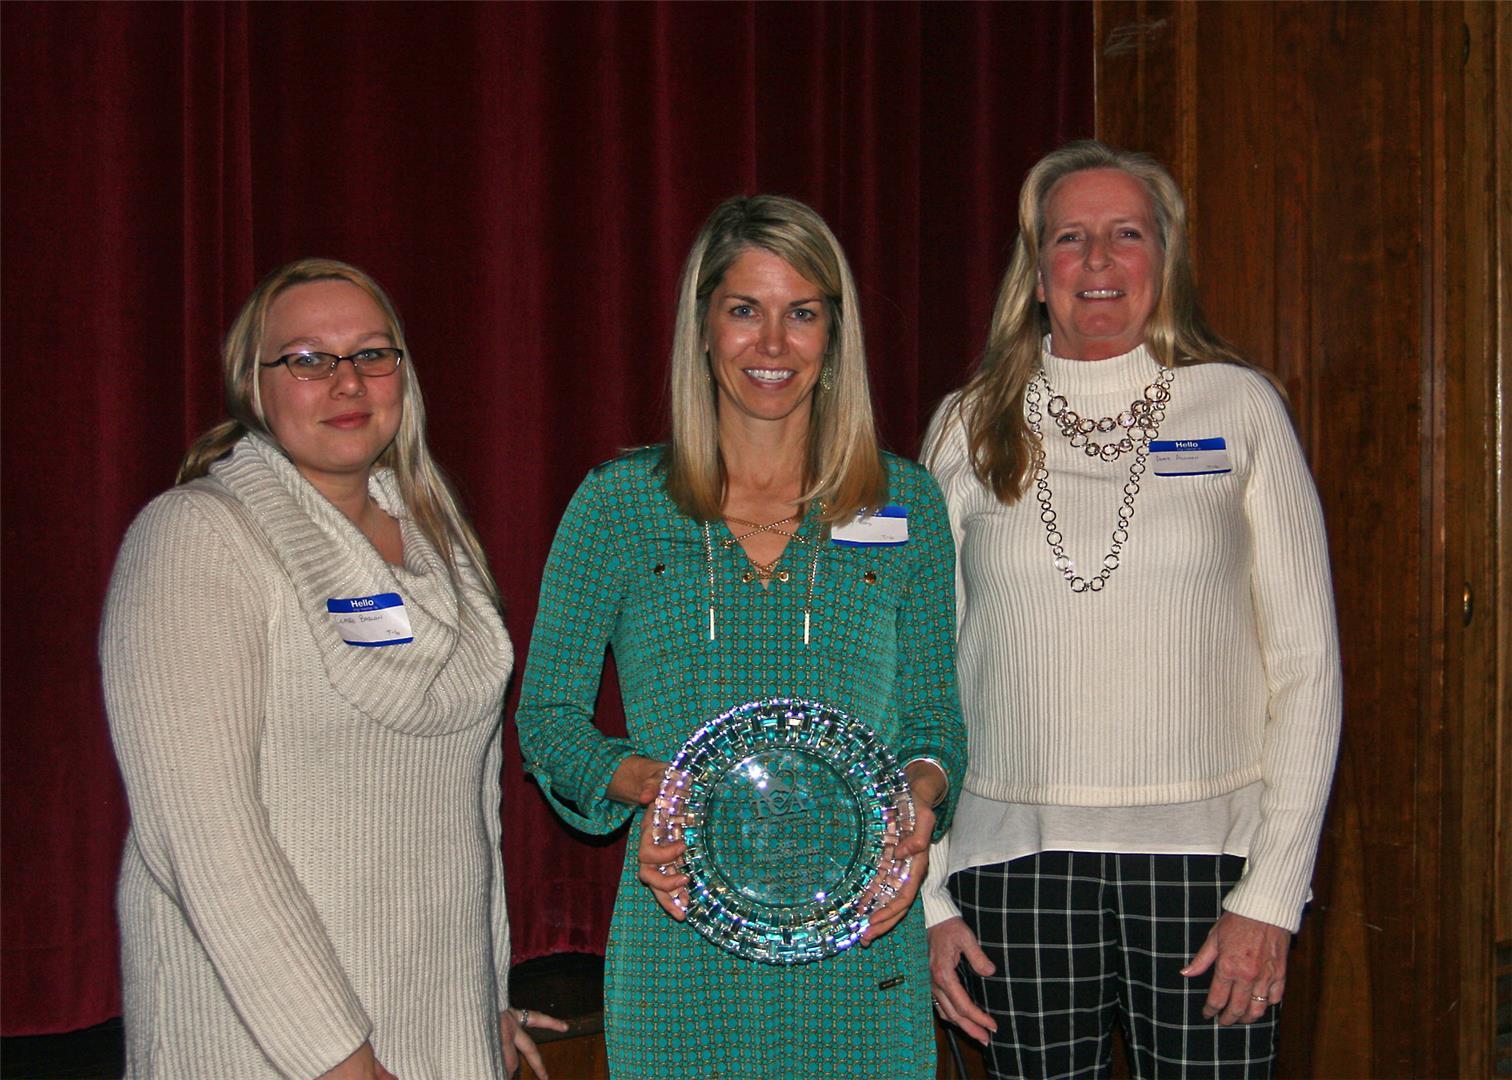 New Vocations Named as TCA Award of Merit Recipient